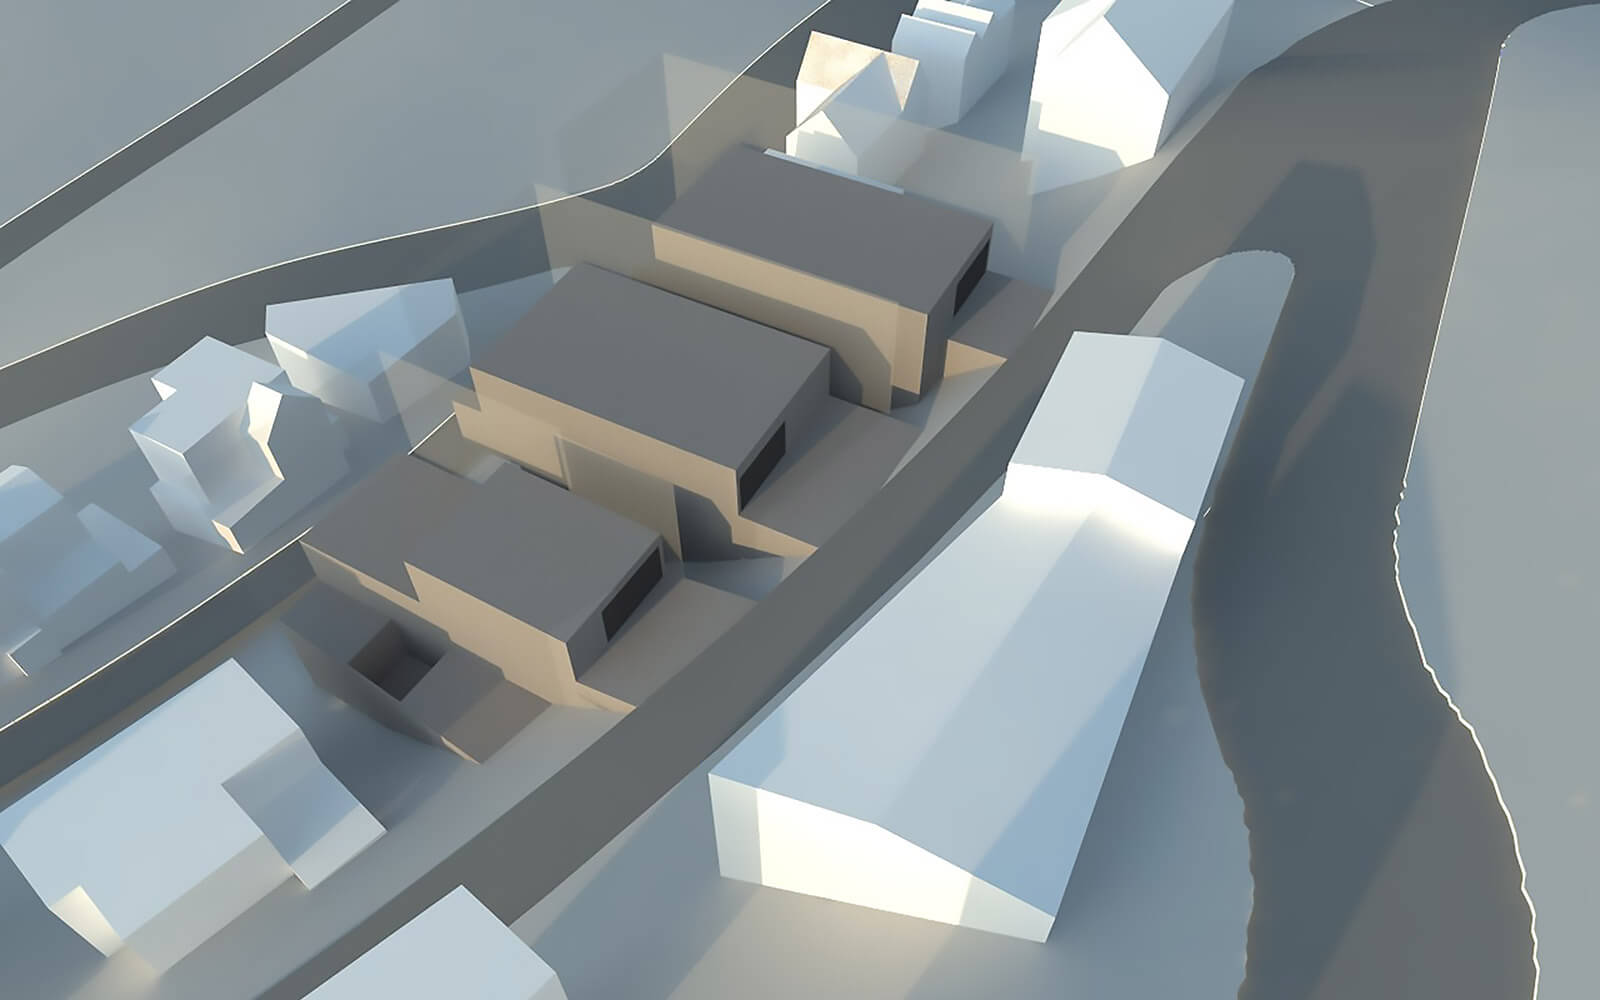 studio vara multifamily hillside master plan